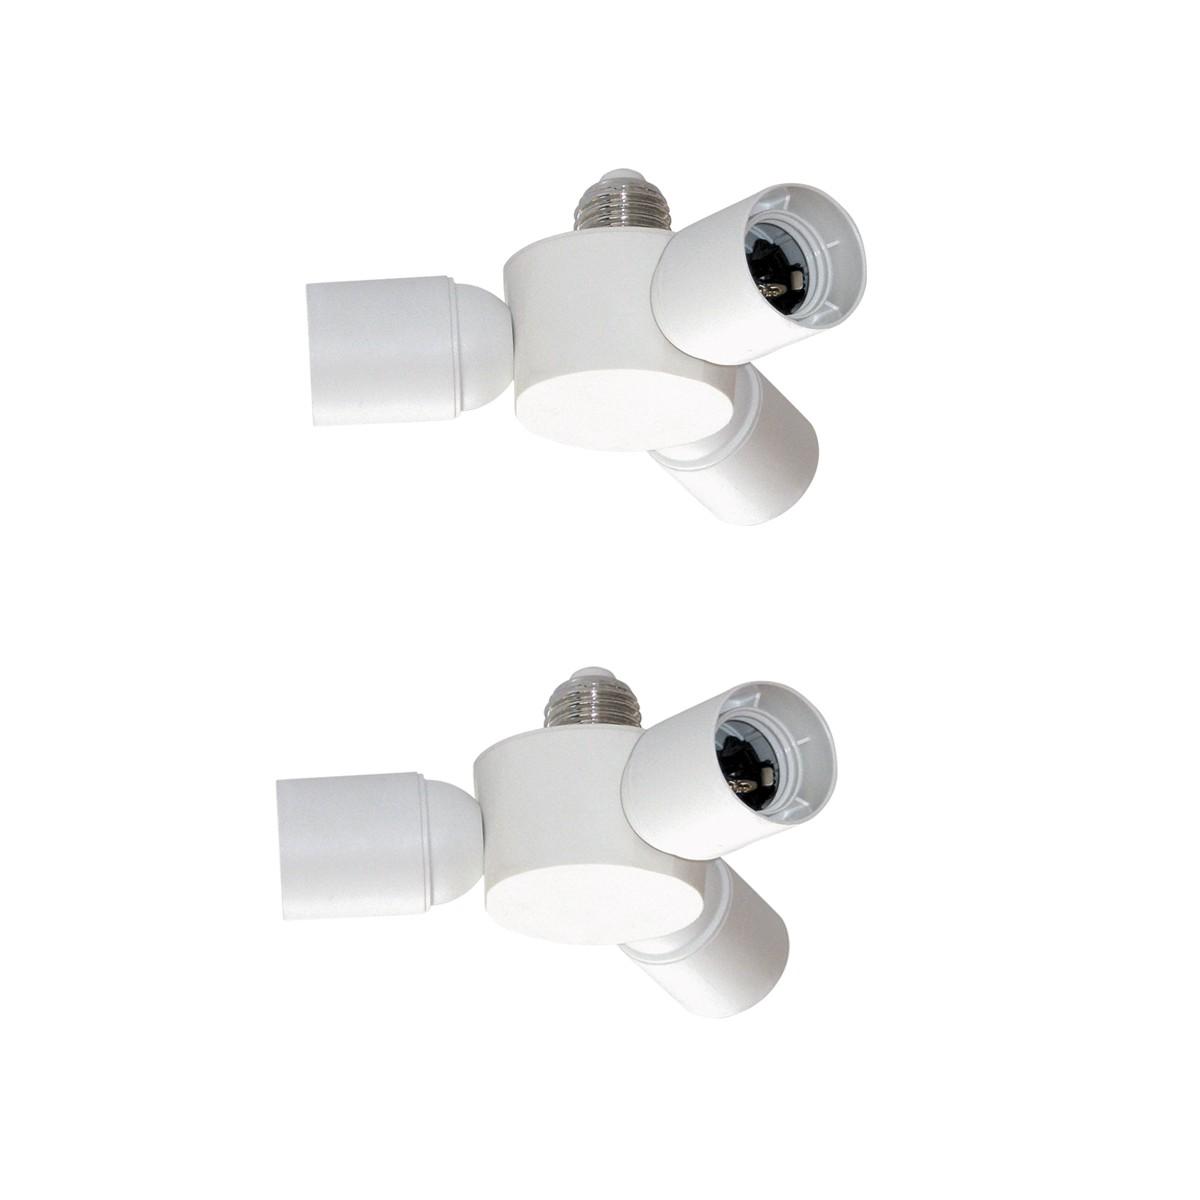 Pack of 2 Socket Splitters 3XE27 White